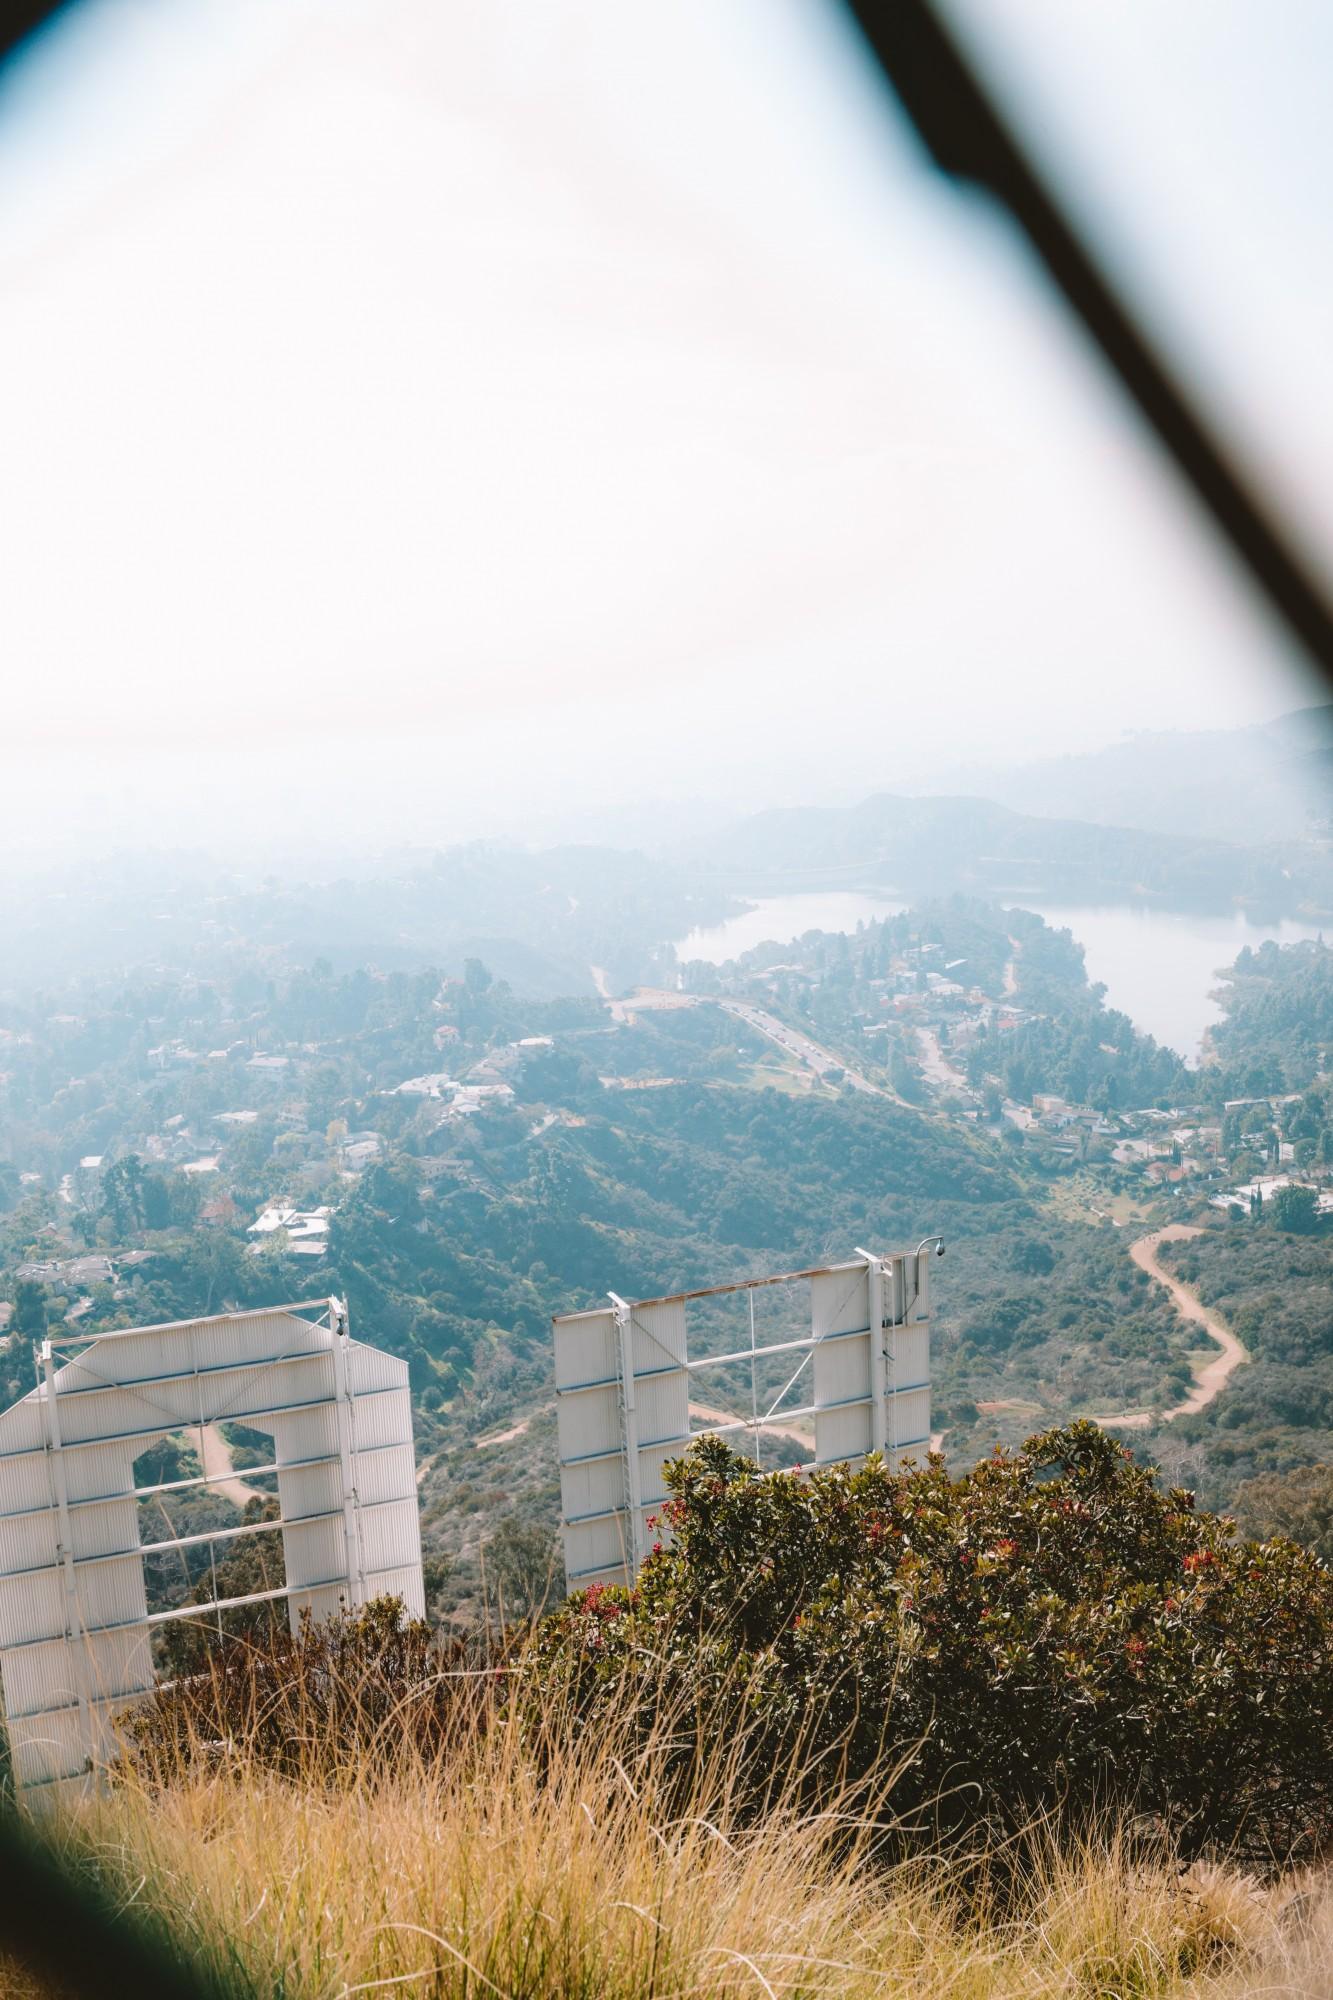 Hollywood Sign Los Angeles - Blondie Baby blog voyages